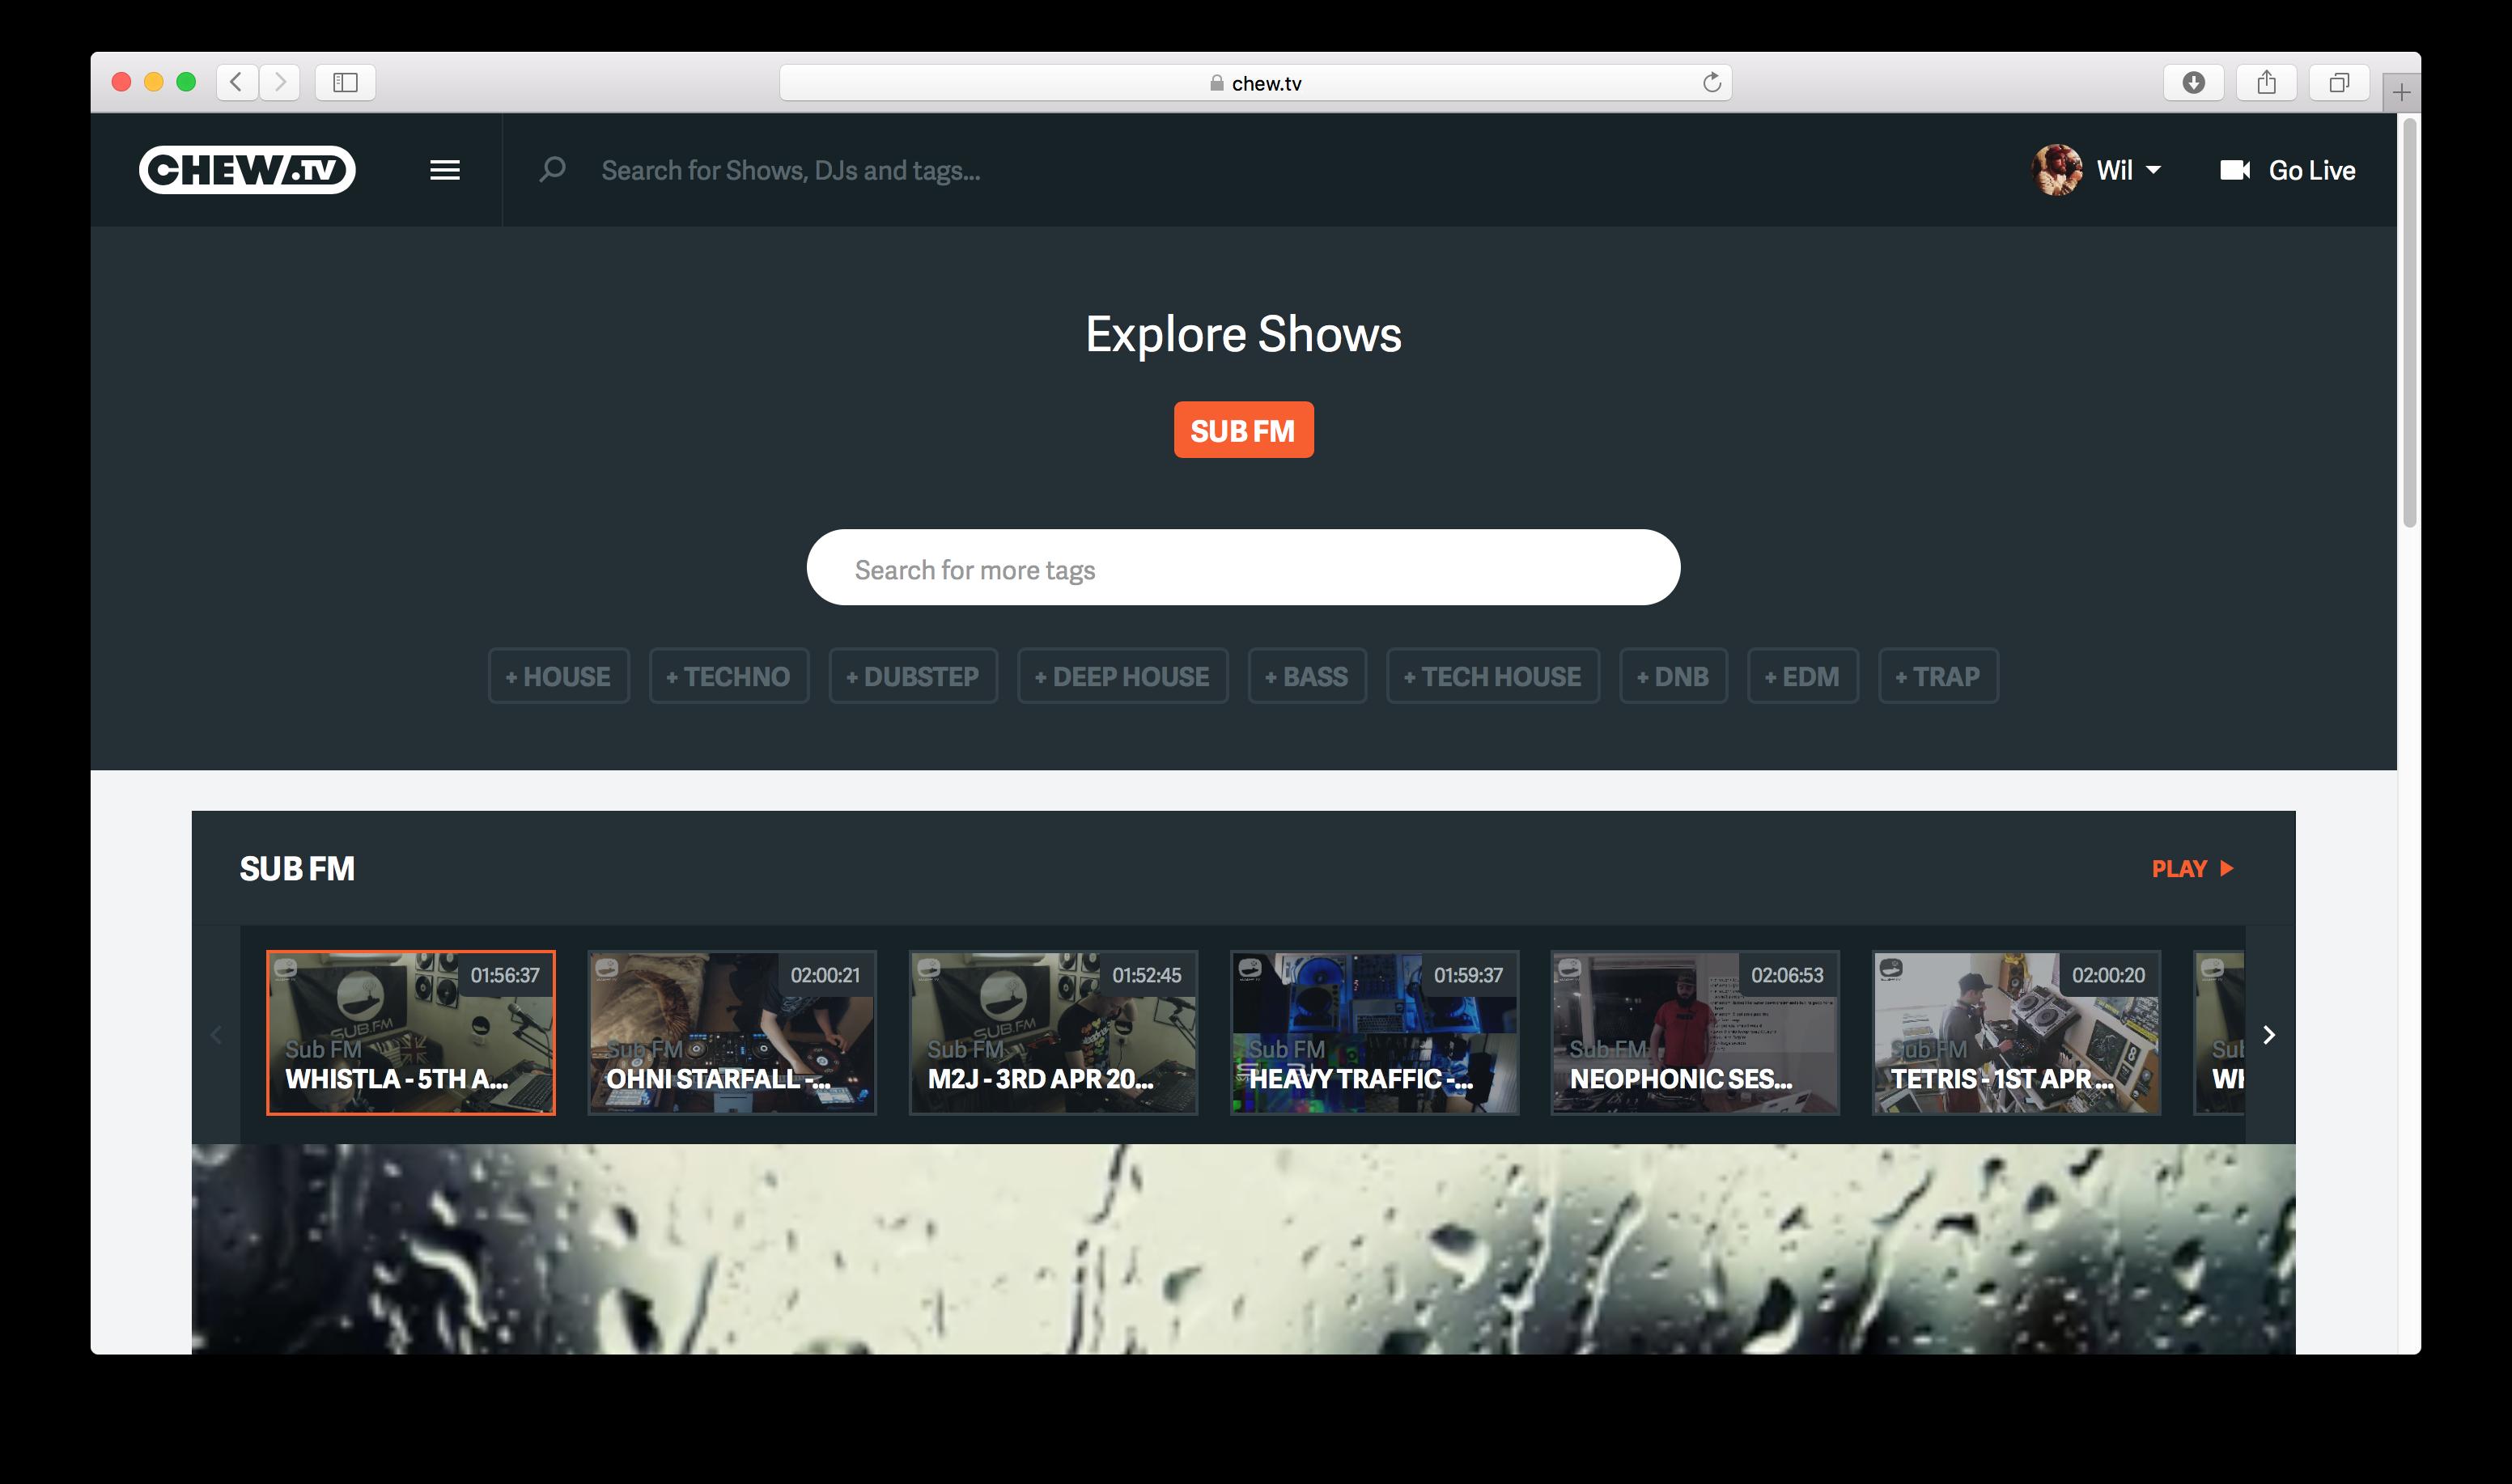 SUB FM Explore Page